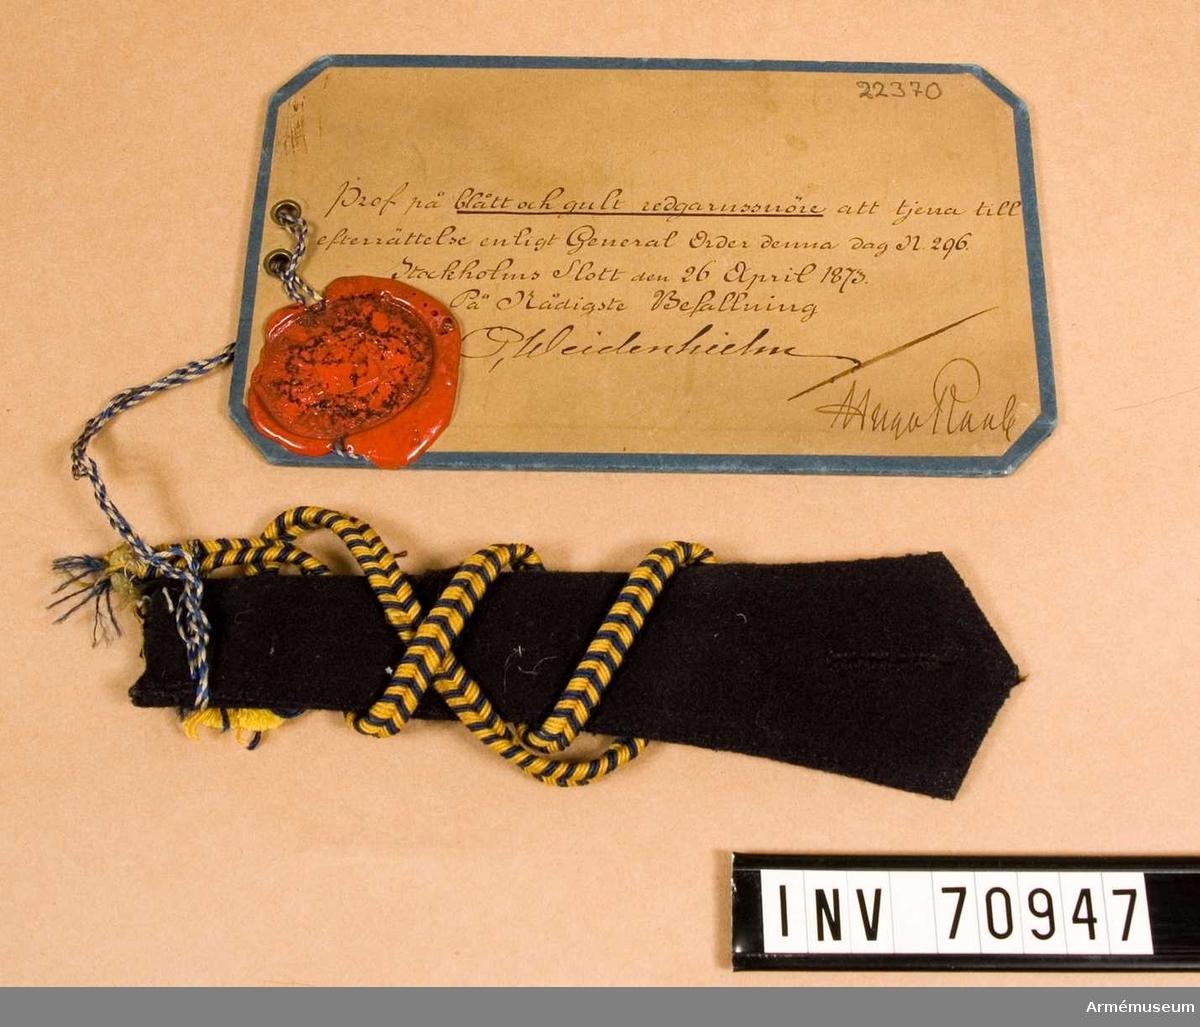 Grupp C.I. Prov på blått och gult redgarnssnöre att tjäna till efterrättelse enligt generalorder nr 296 den 26 april 1873.